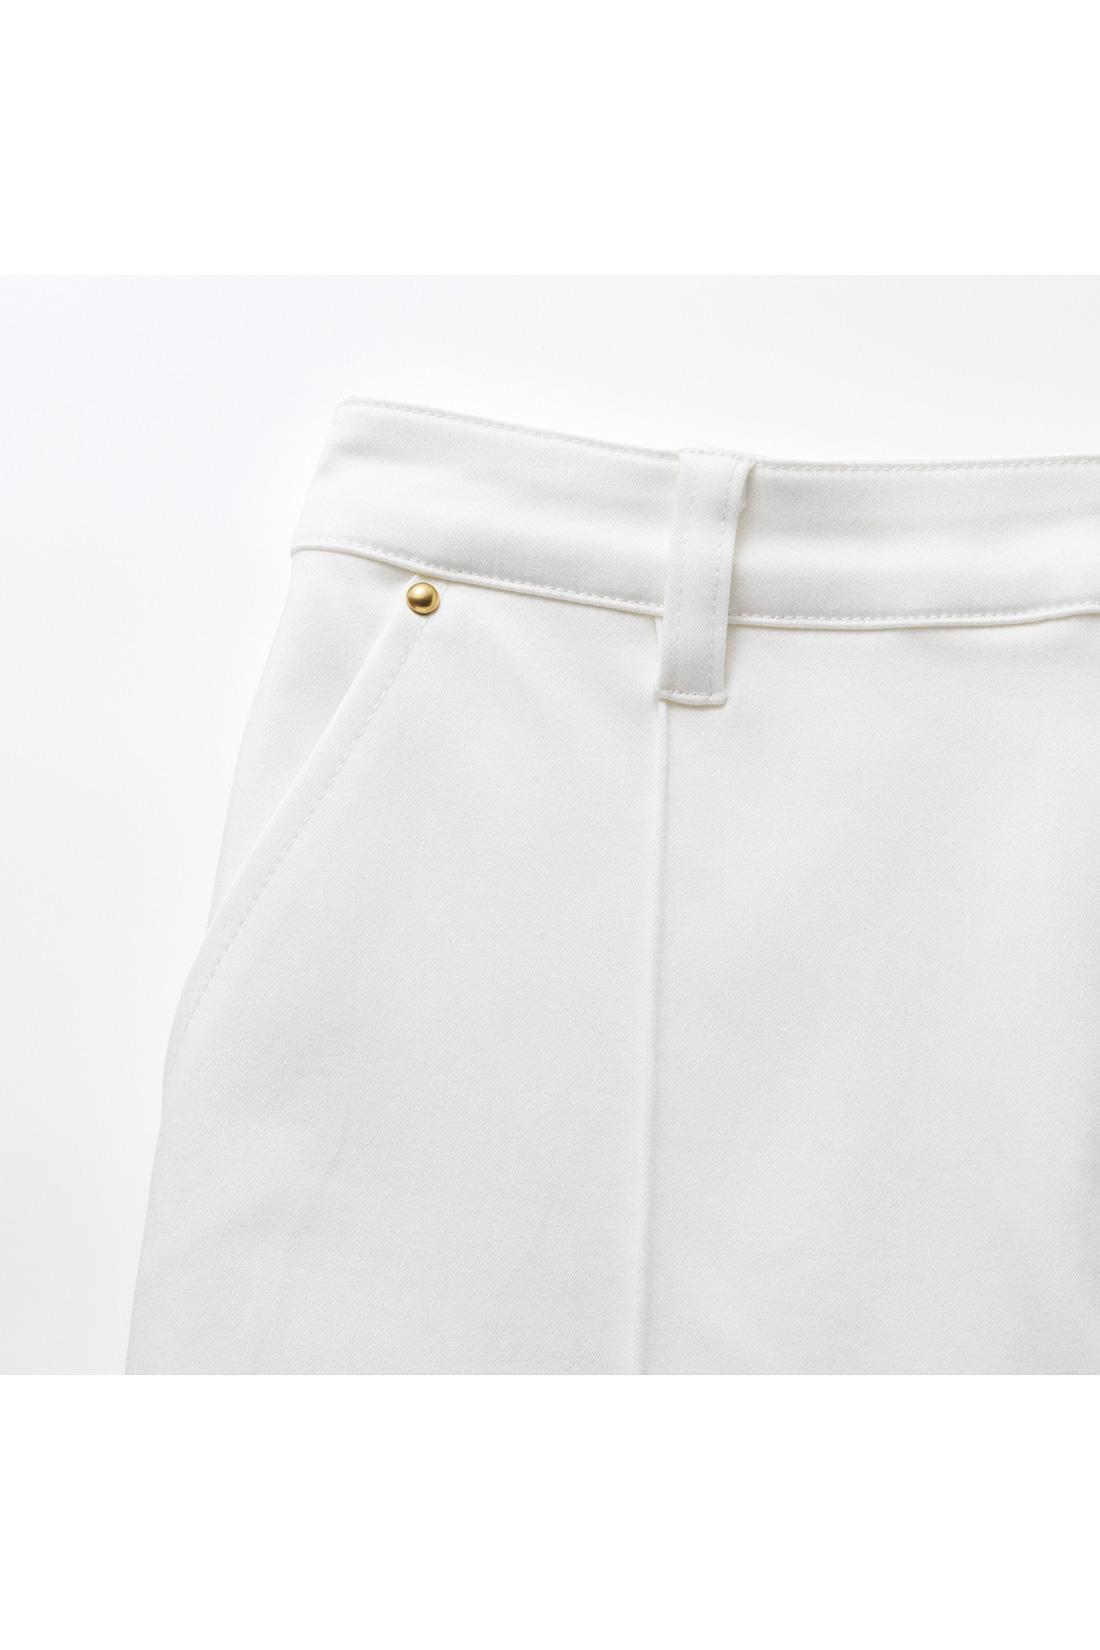 ポケットのまわりのリベットが、ウエストインした時のポイントに。センターピンタック入りでいつでもきちんとをキープ。